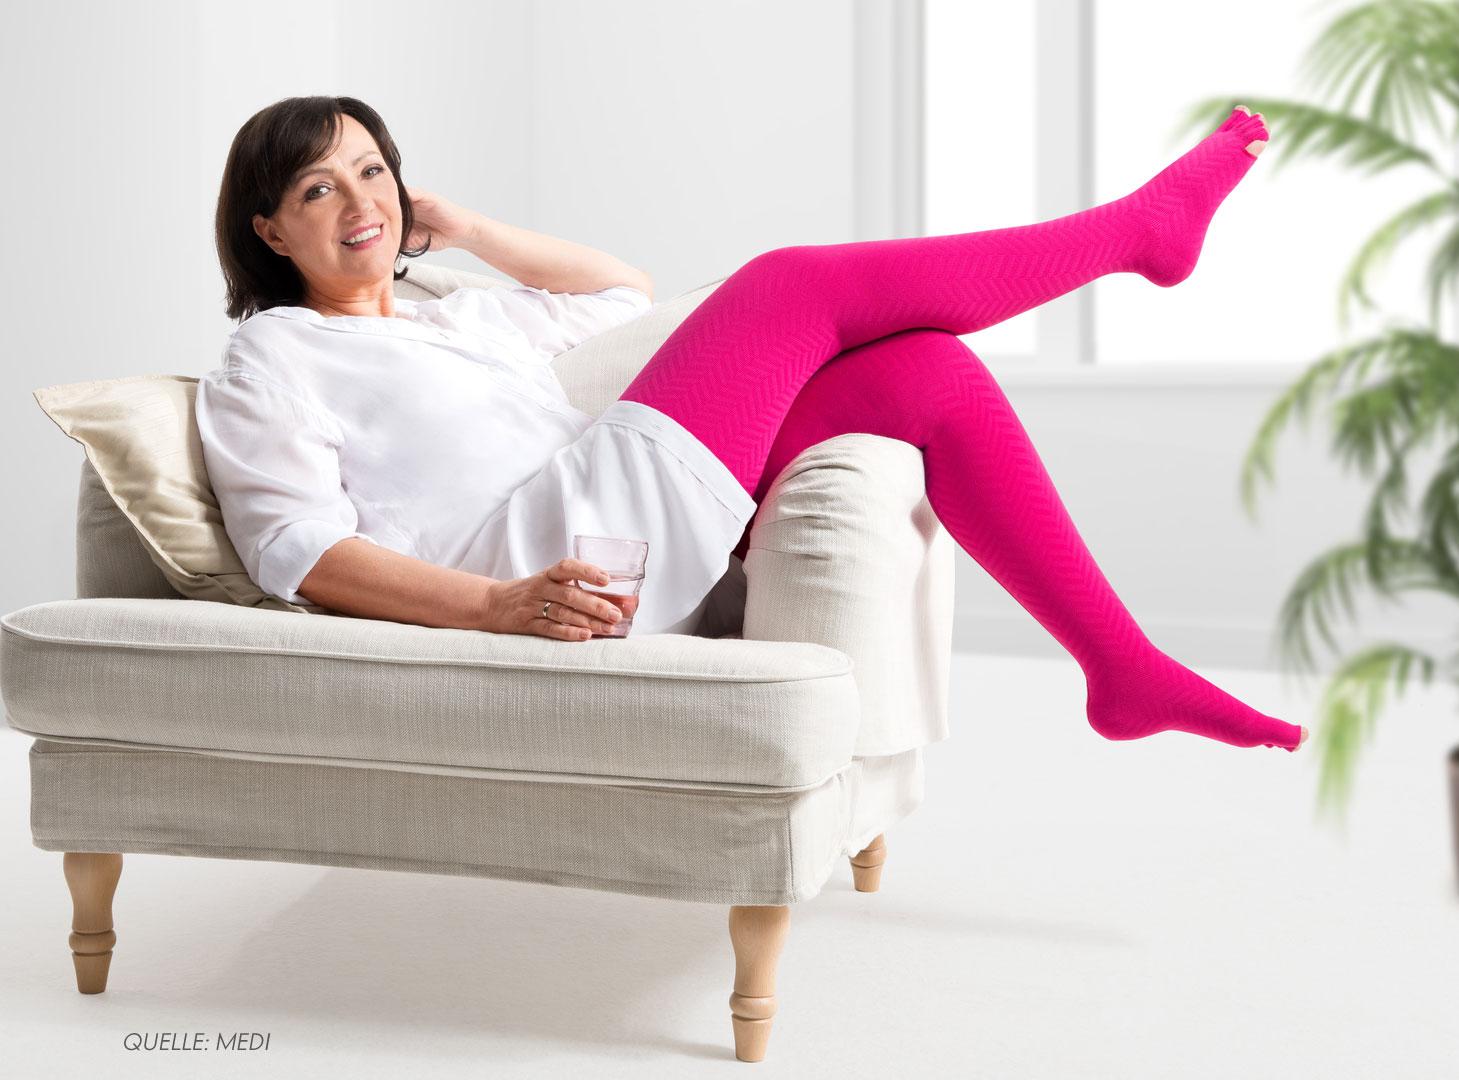 Venengesundheit Melle, Reiterhosen, Lympfstau in den Beinen, Kompressionsversorgungen